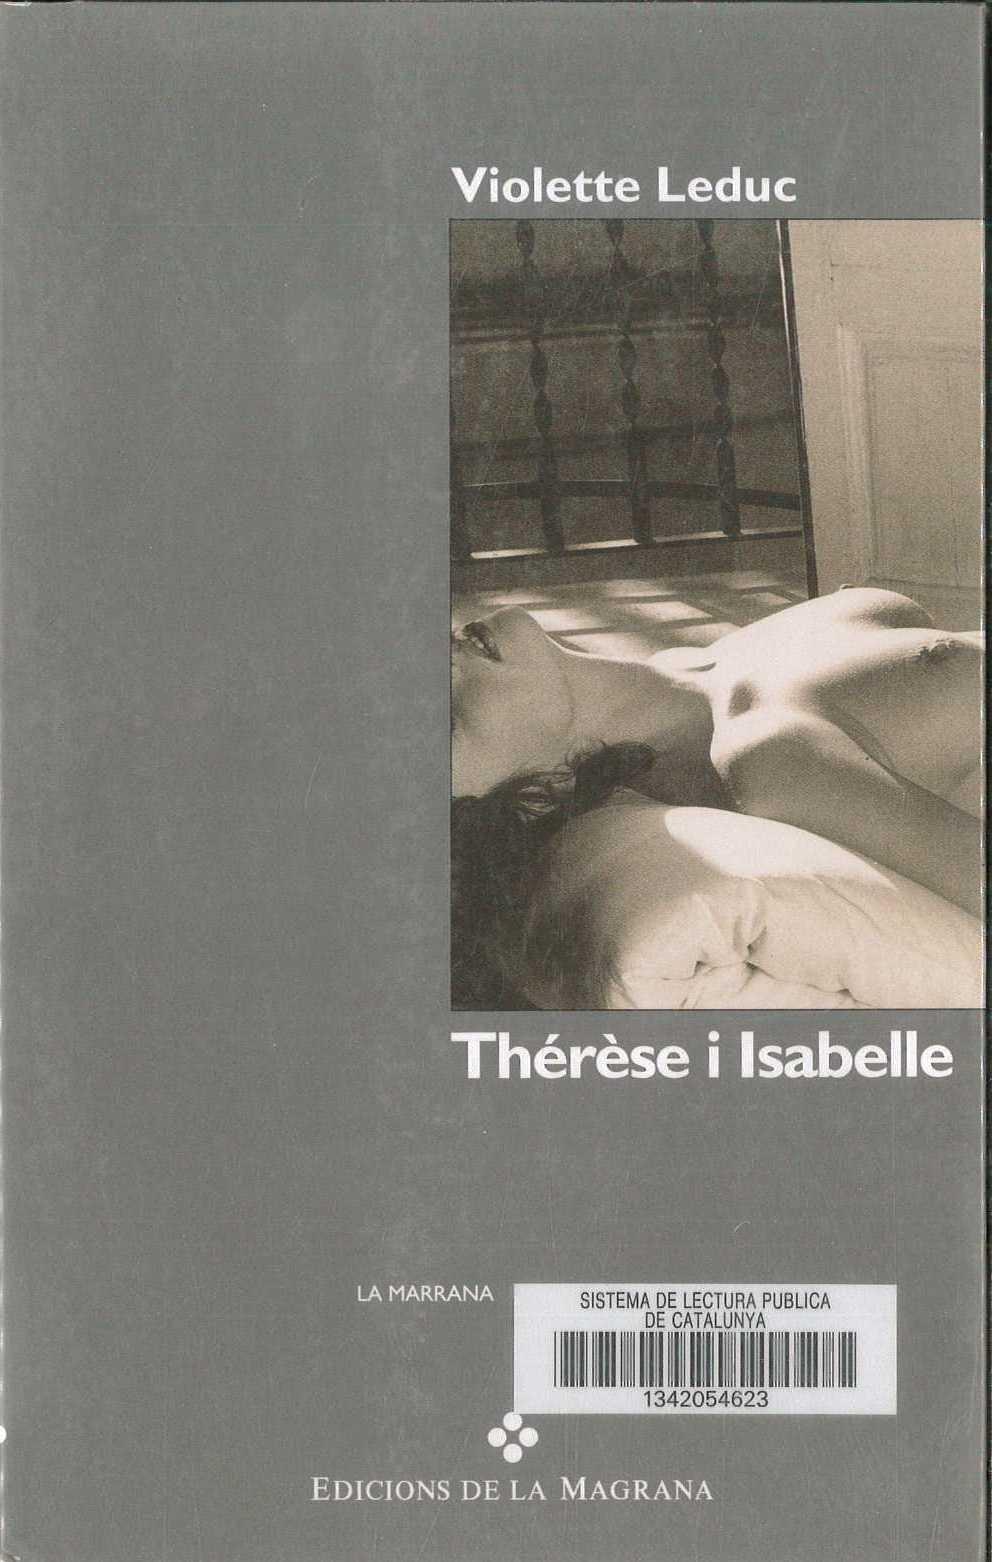 Thérèse i Isabelle